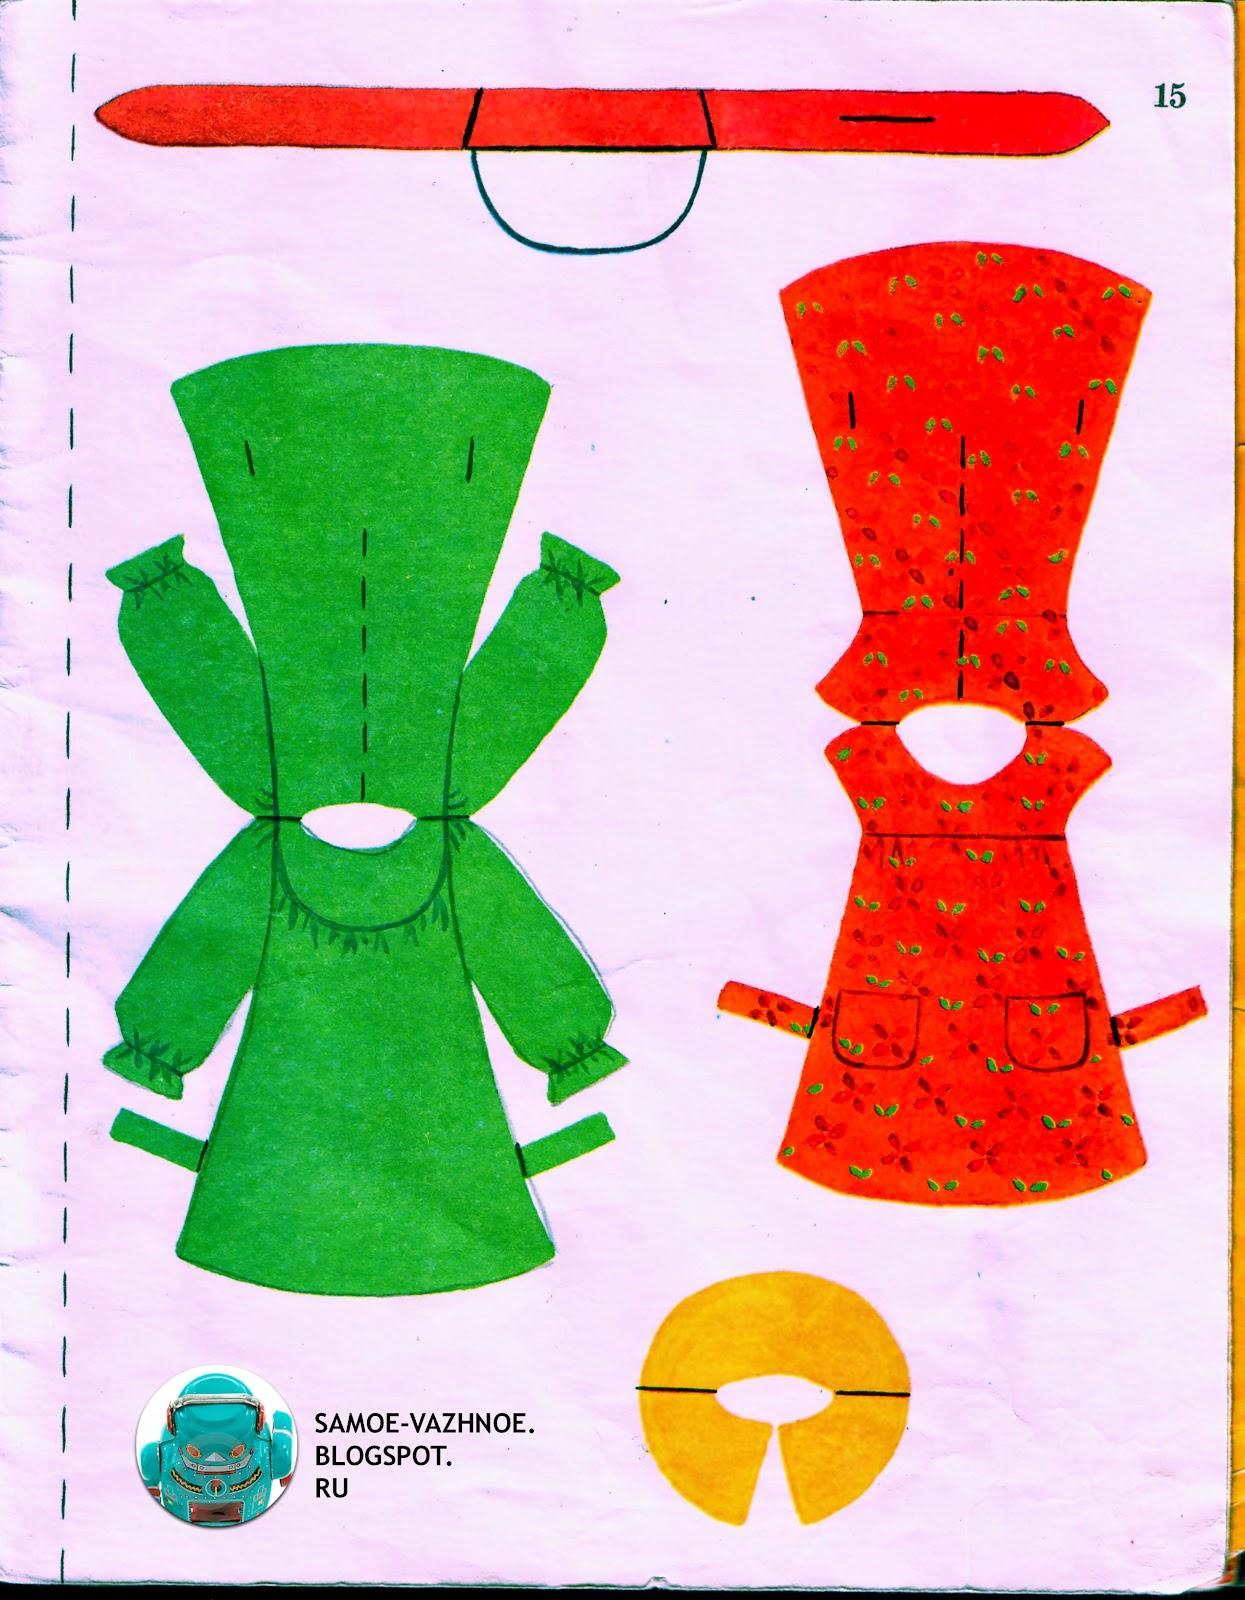 Галина Кильпе Тебе и кукле. Бумажная кукла СССР. Советская бумажная кукла. Бумажные куклы 80е.